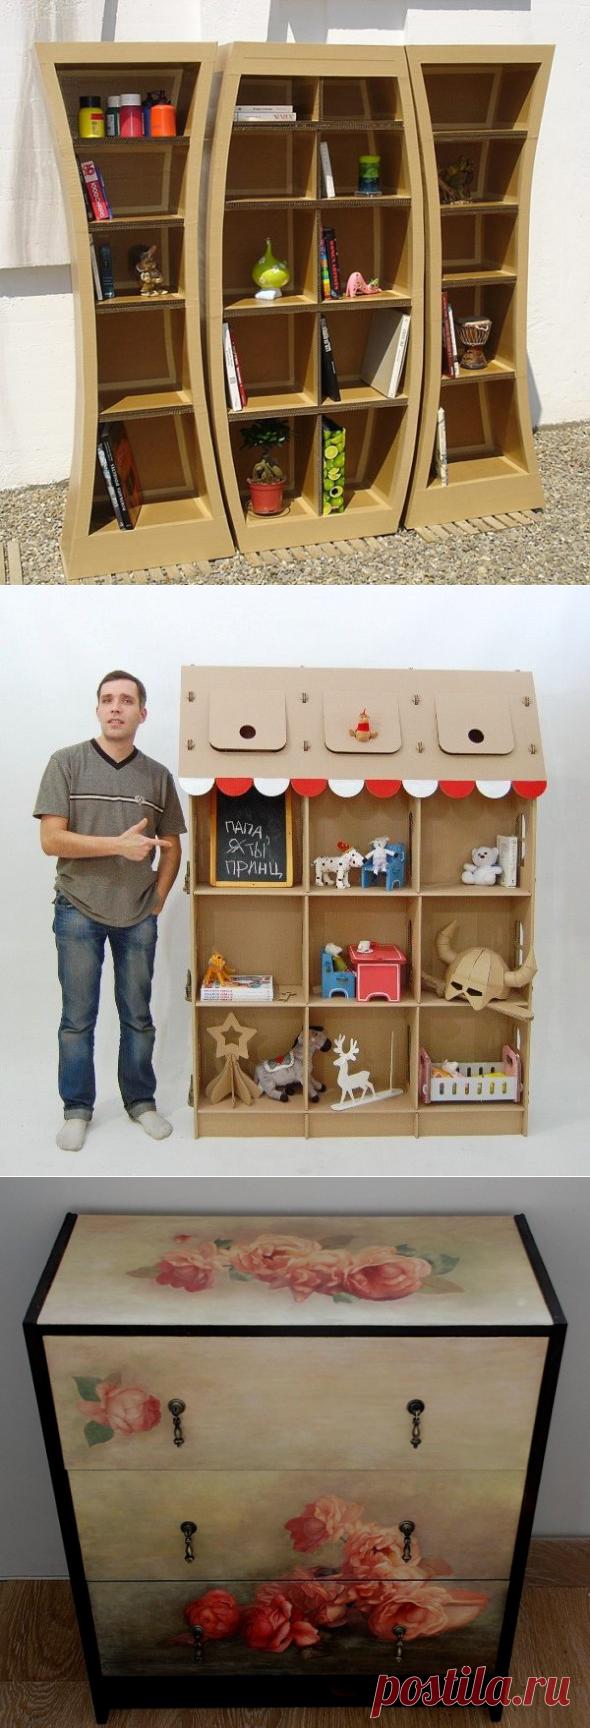 Как из коробки сделать шкаф: инструкция | Obustroeno.Com